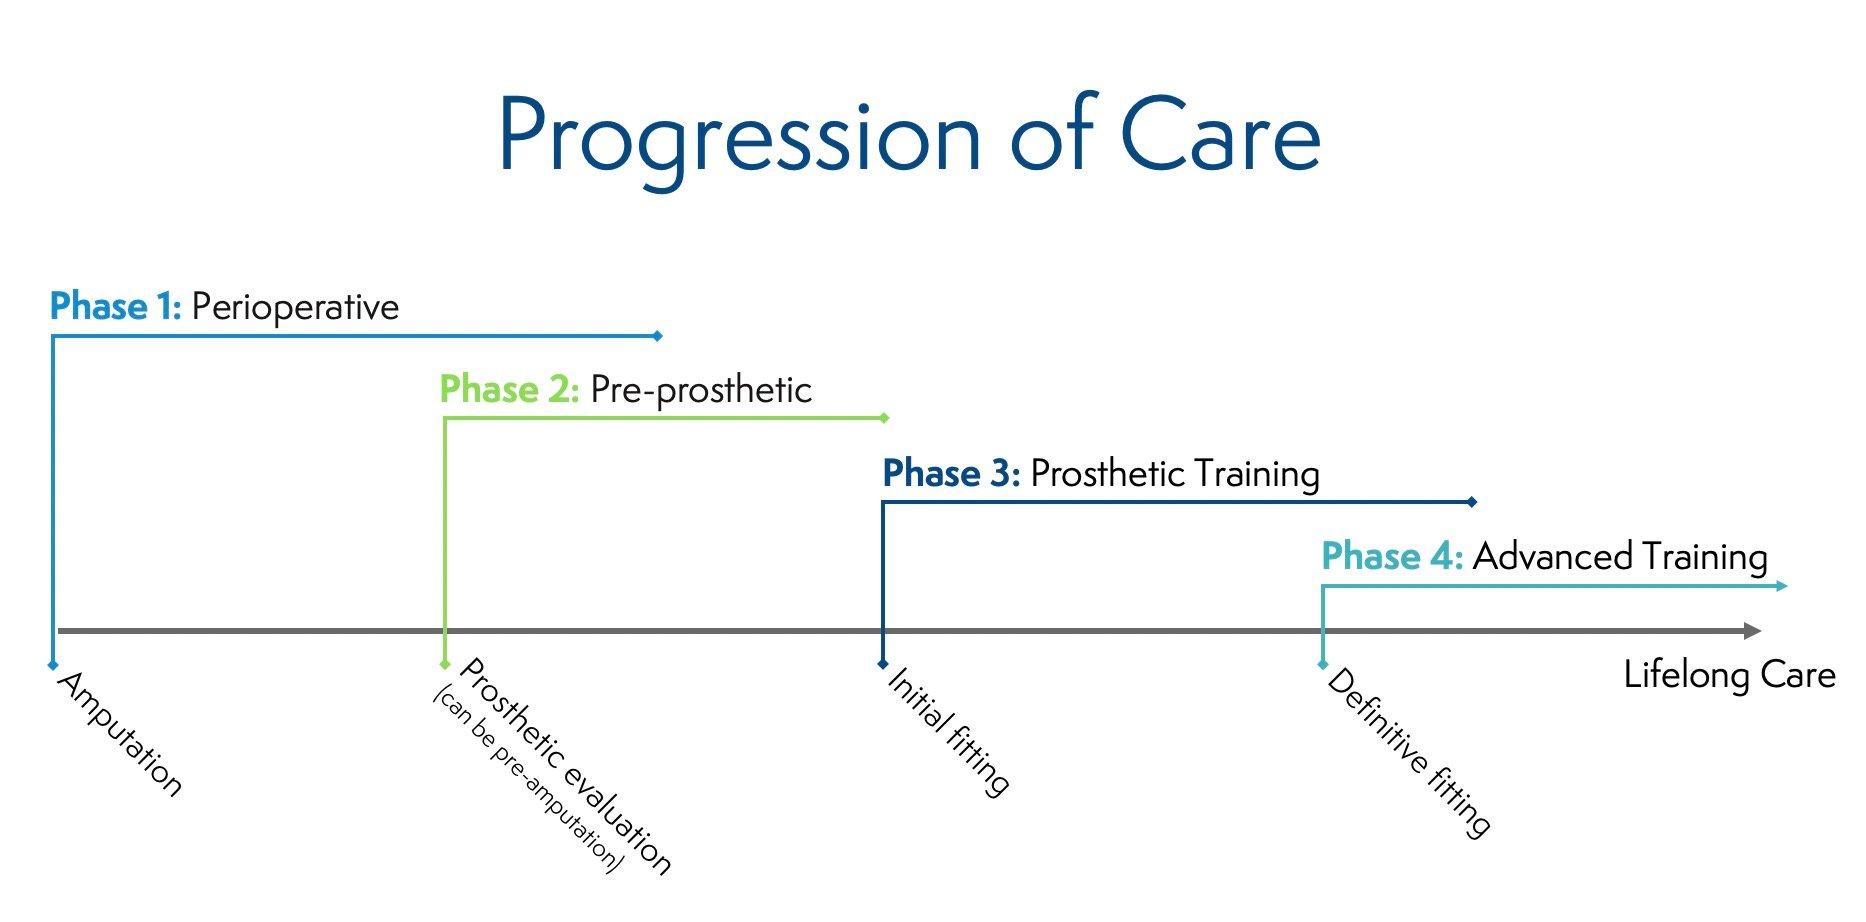 Progression of Care